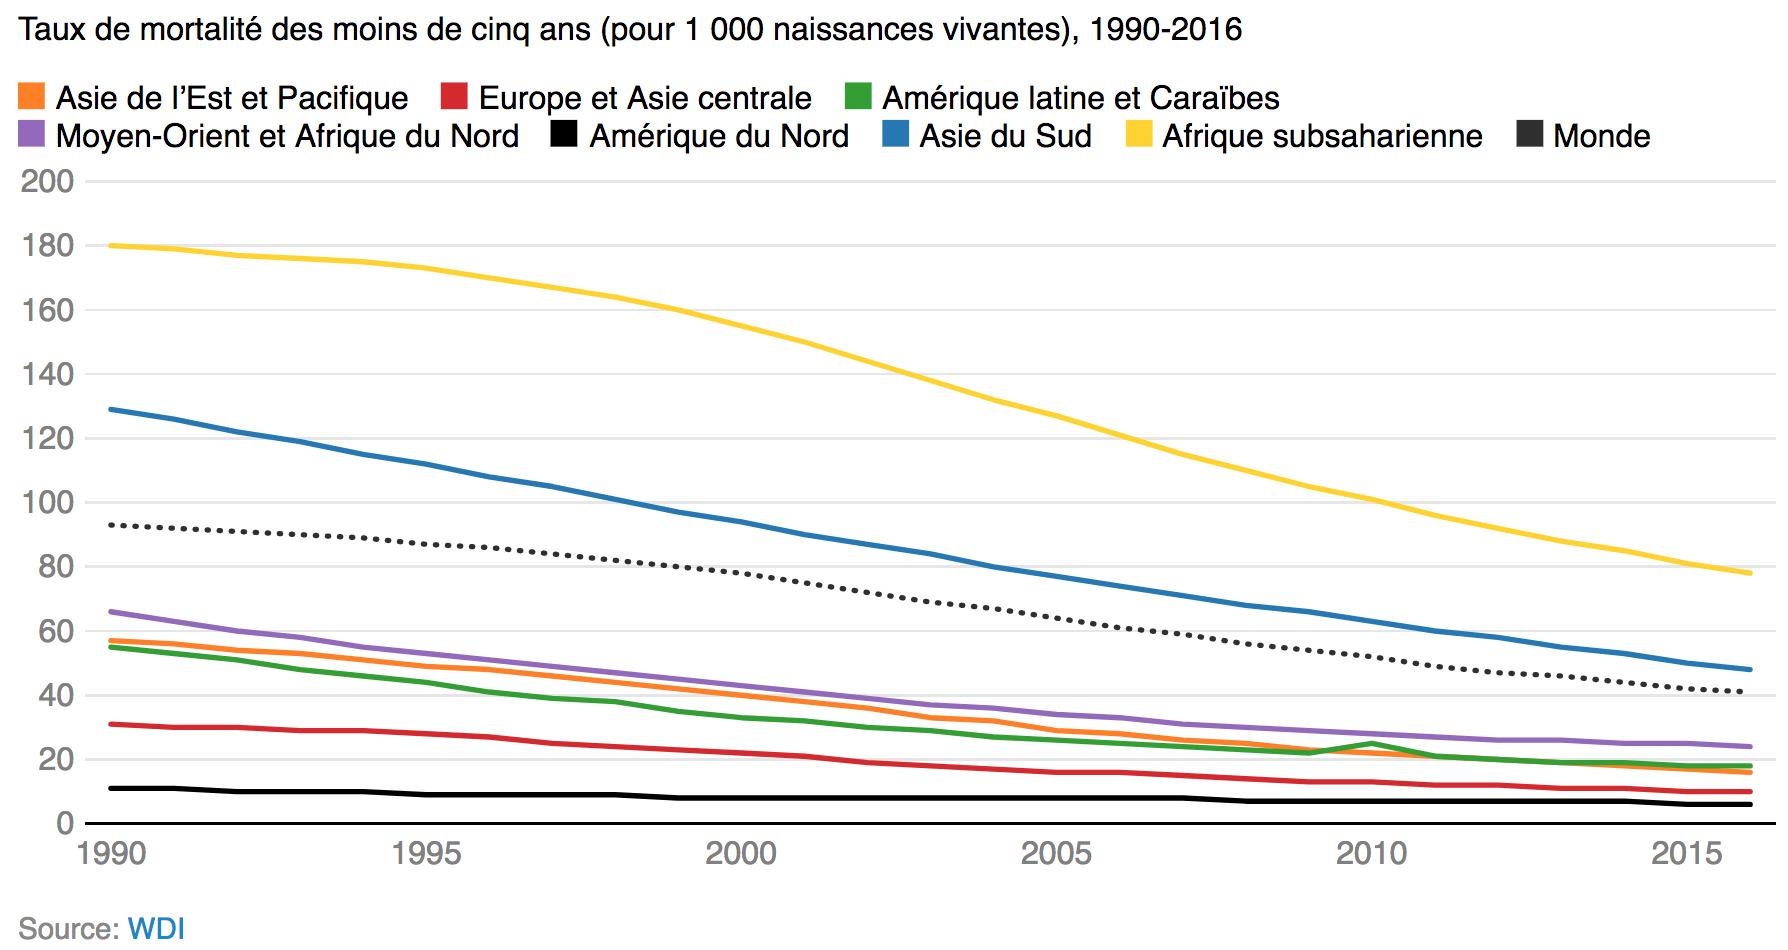 Monde - Mortalité infantile des moins de 5 ans (1990-2016)